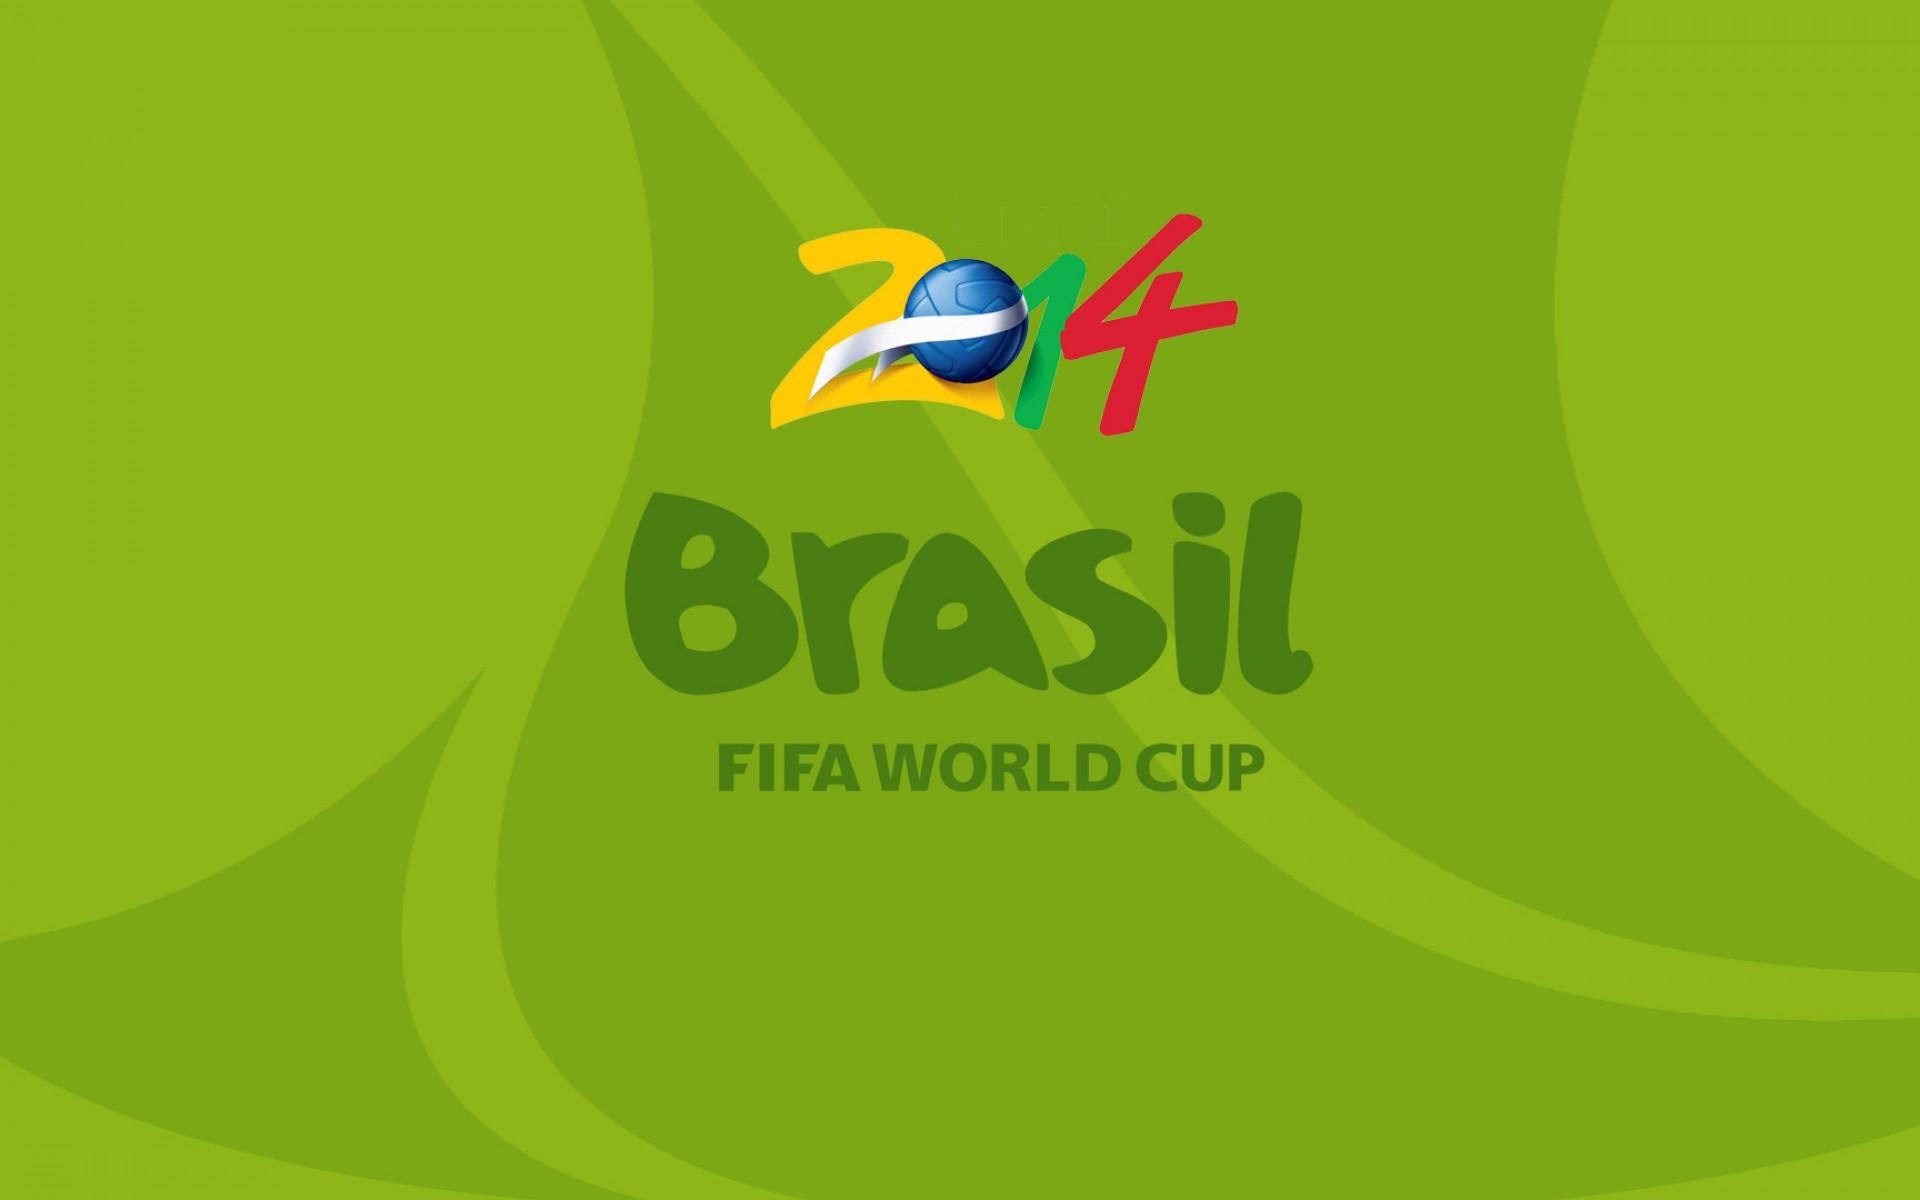 Fifa World Cup Brasil 2014 Logo